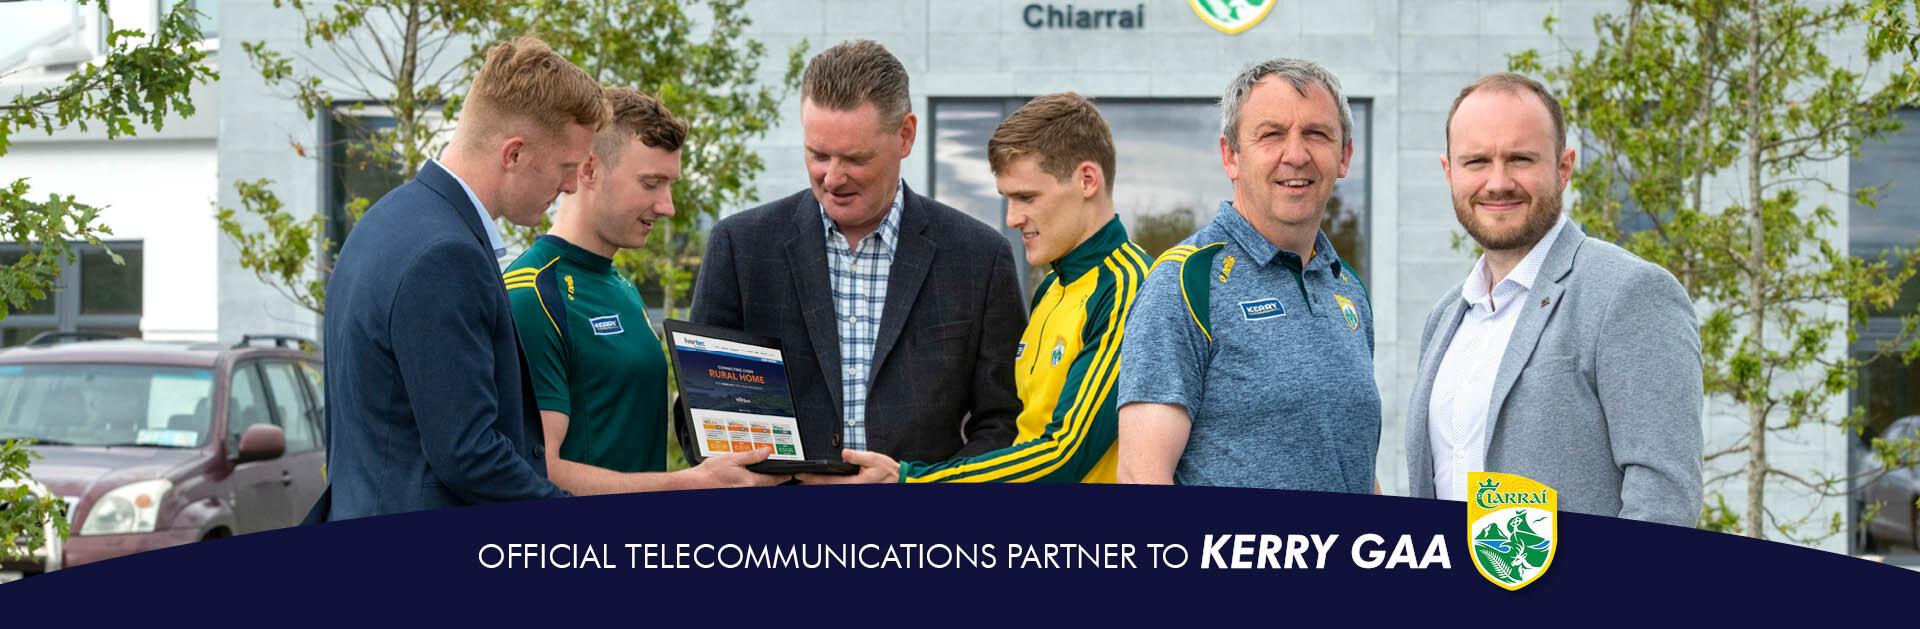 Kerry GAA Telecommunication Partners